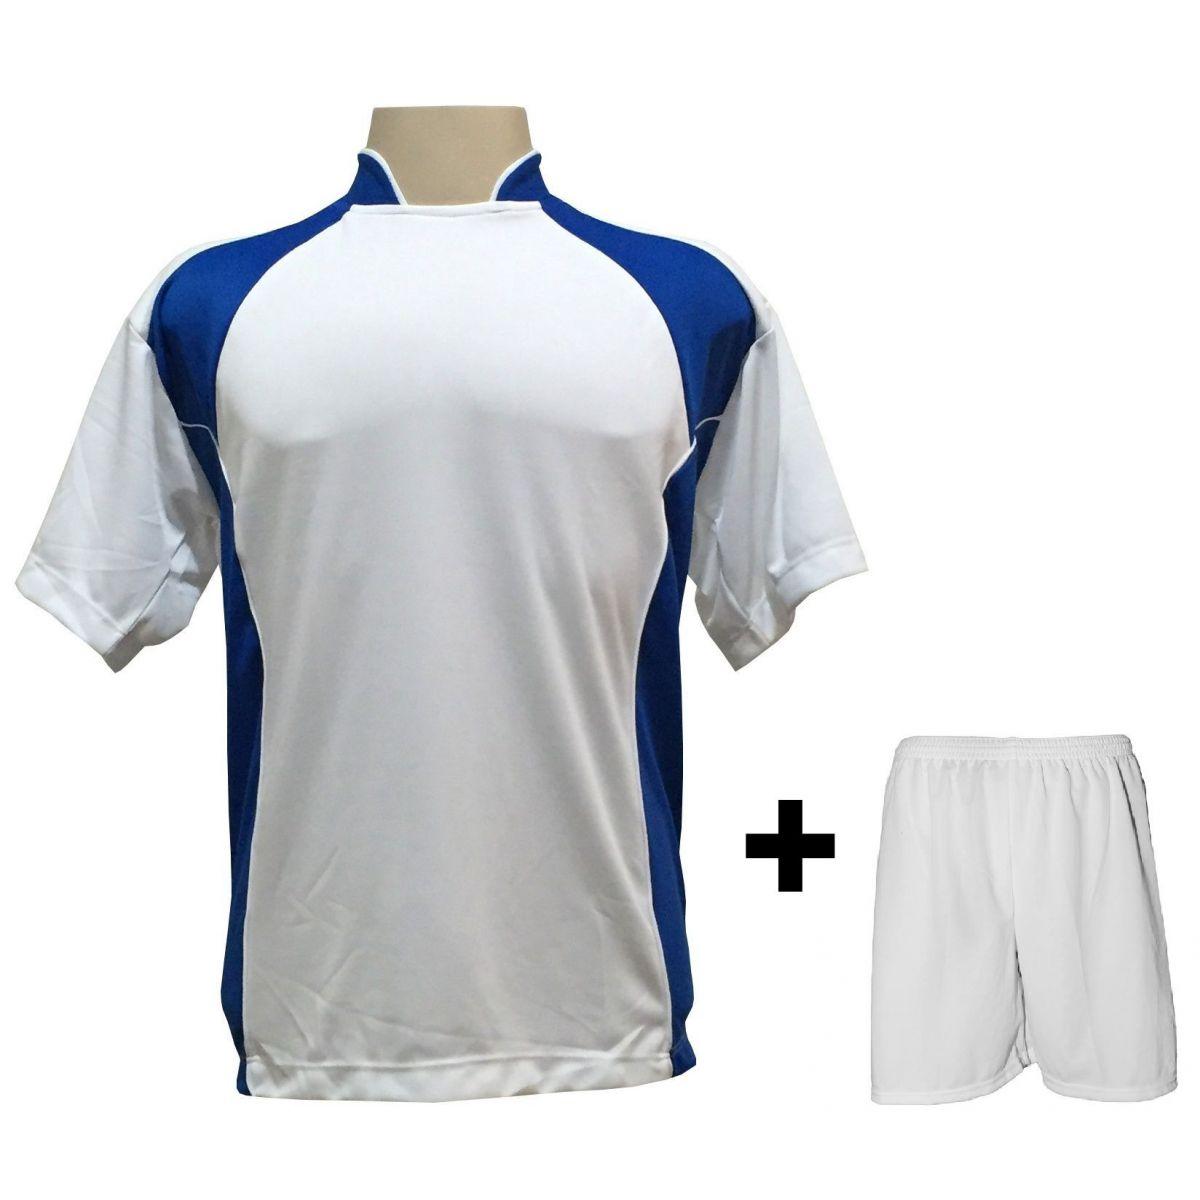 Uniforme Esportivo com 14 Camisas modelo Suécia Branco/Royal + 14 Calções modelo Madrid Branco   - ESTAÇÃO DO ESPORTE